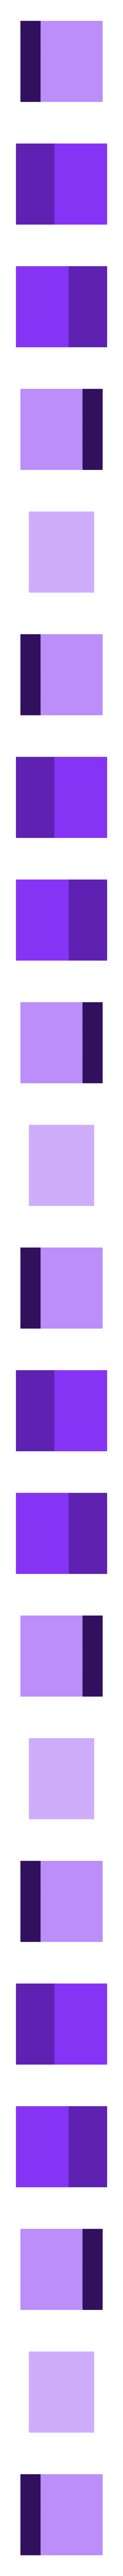 Step up base3.stl Télécharger fichier STL gratuit jedi • Objet pour impression 3D, tutus